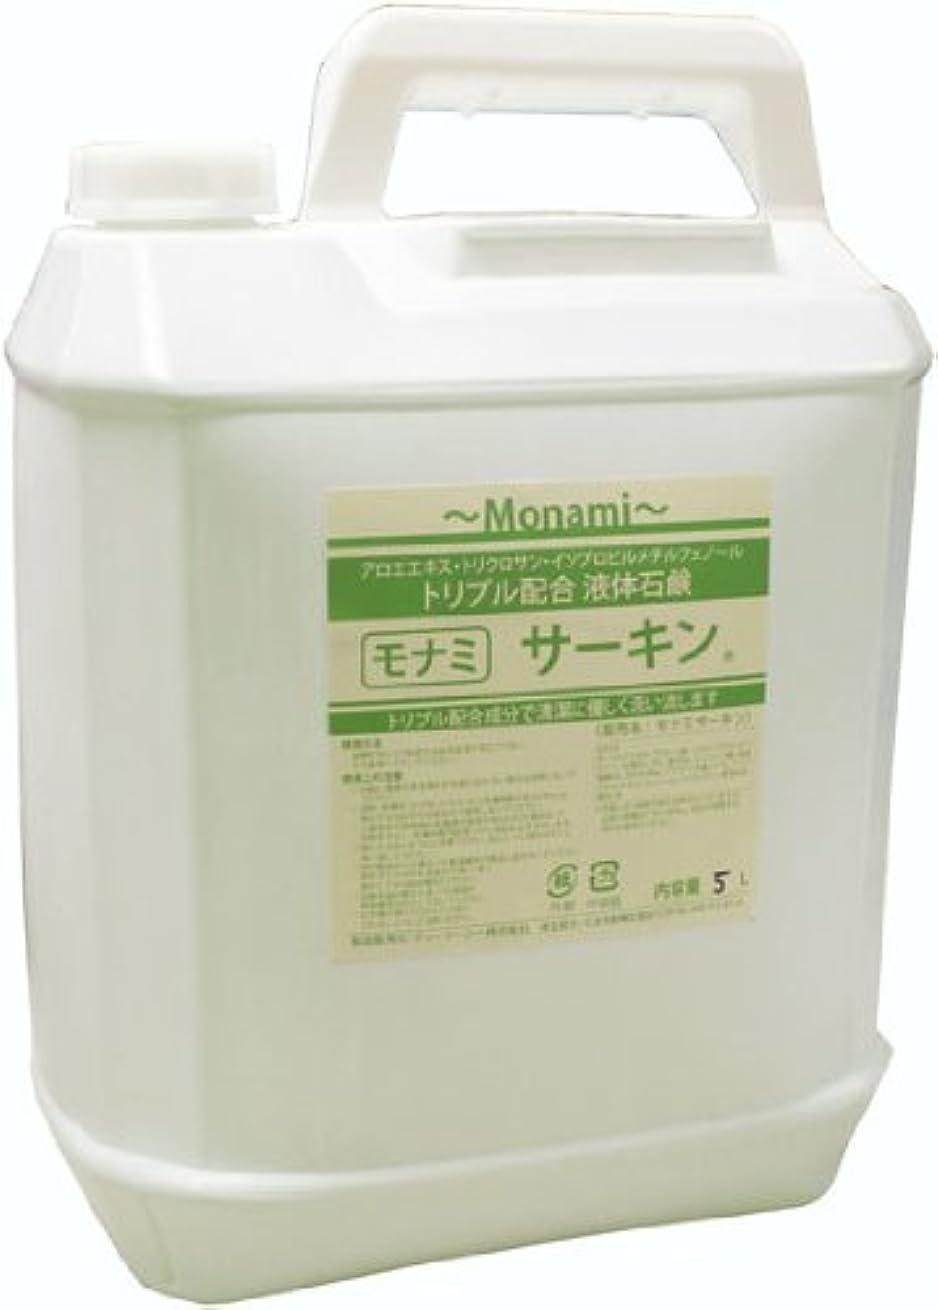 アラブサラボ櫛解体する保湿剤配合業務用液体ソープ「モナミ サーキン5L」アロエエキス、トリクロサン、イソプロピルメチルフェノール配合